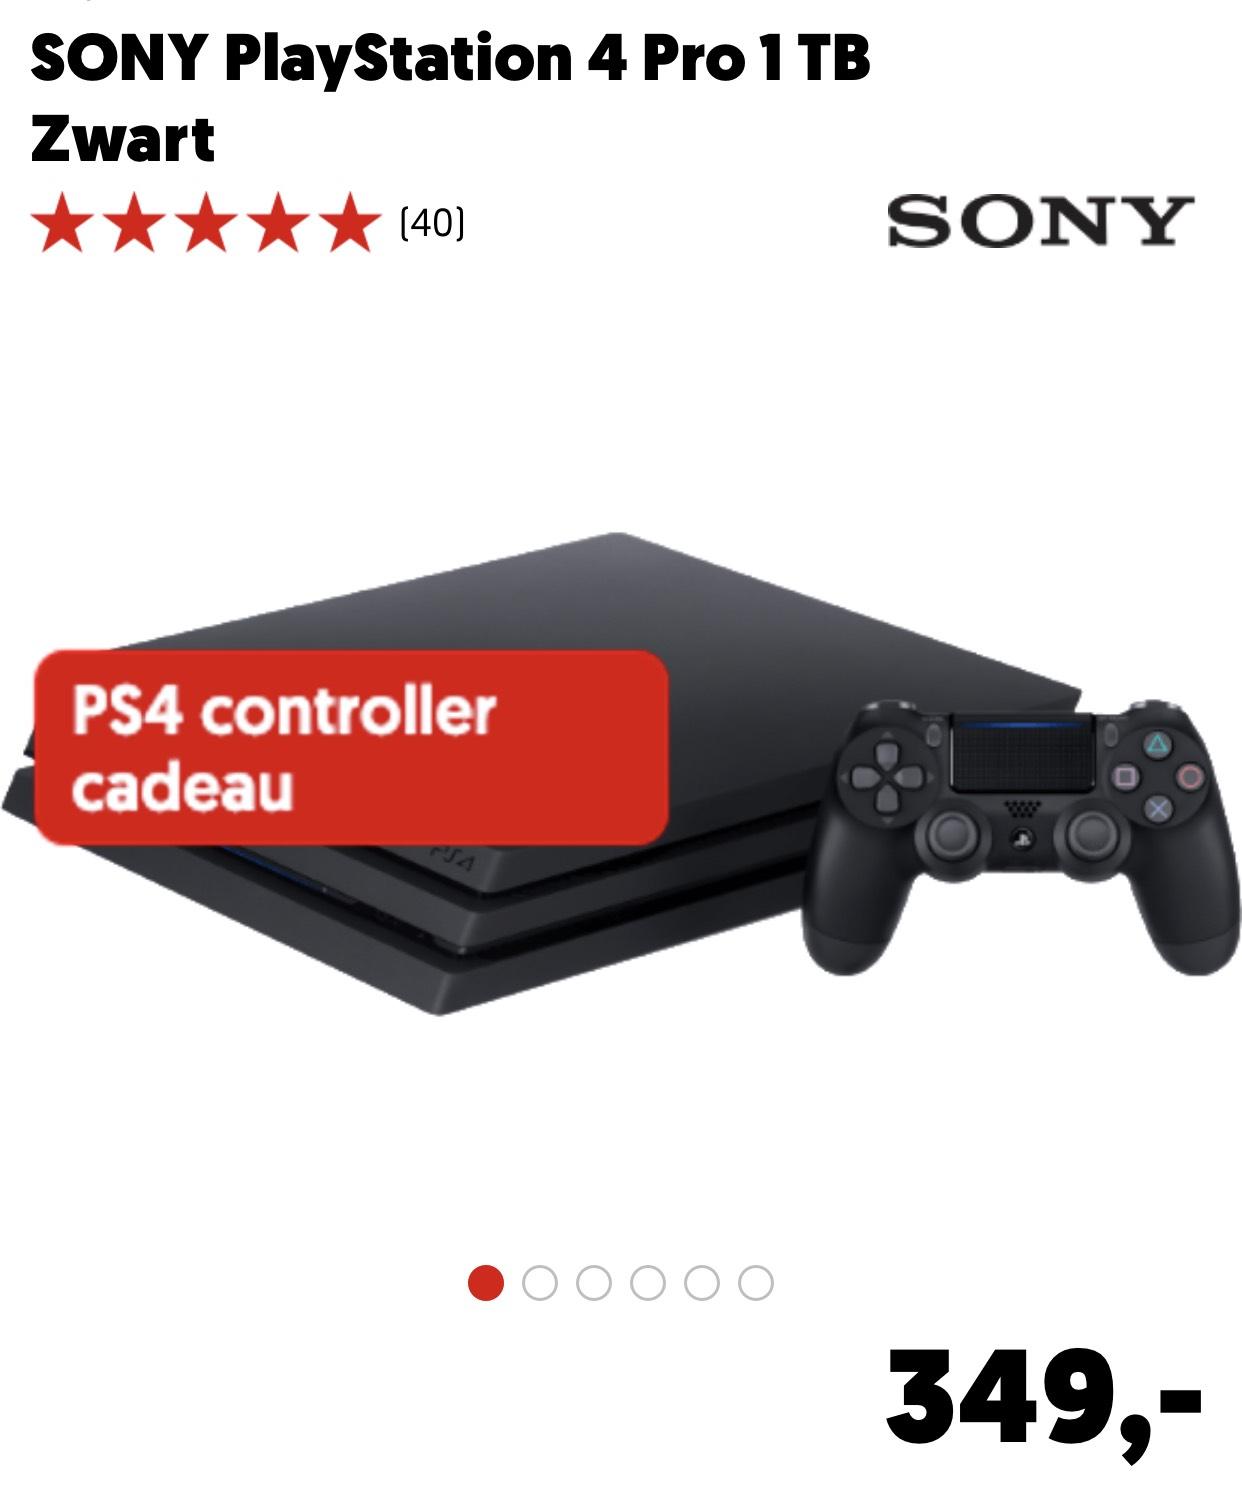 Krijg een 2e controller gratis bij aankoop van de PS4 Pro 1TB